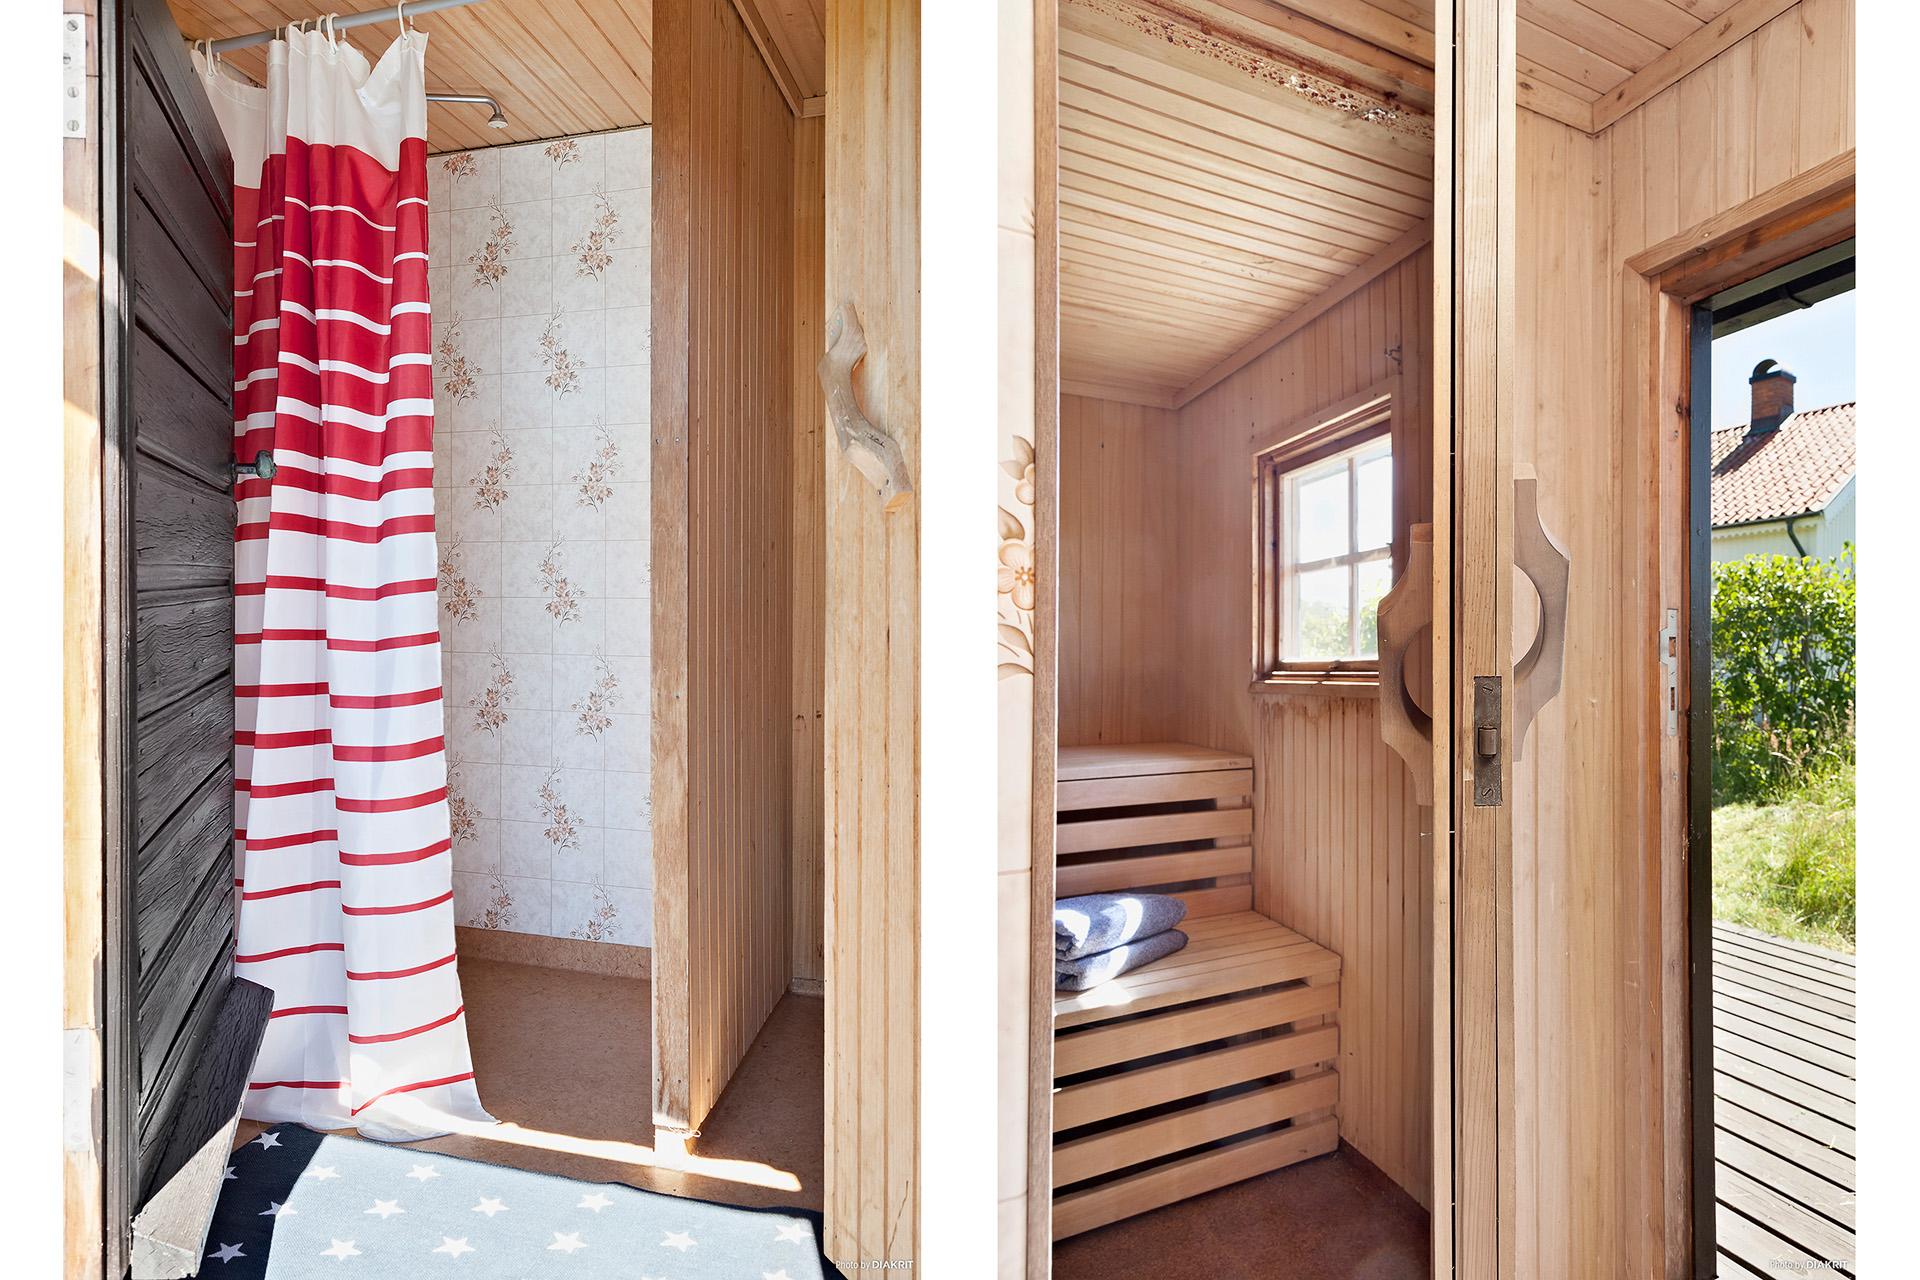 Dusch och bastu i gästhuset